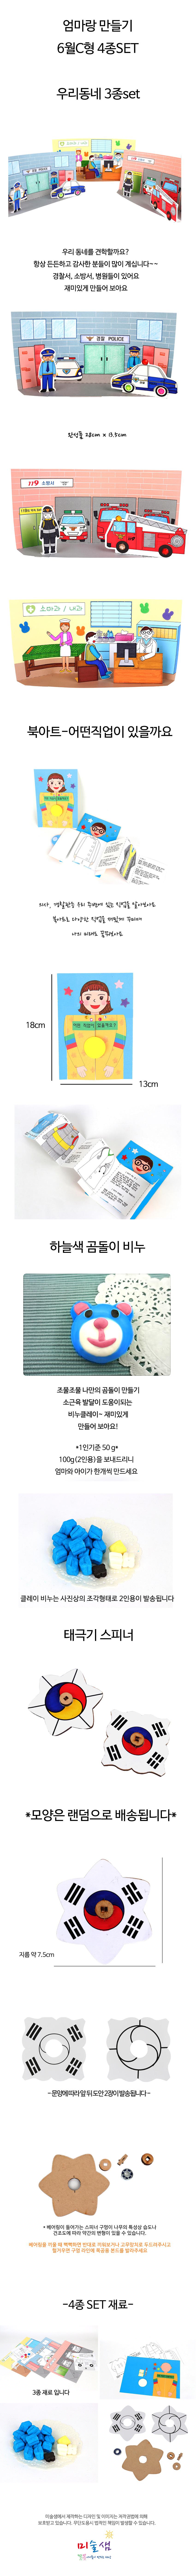 엄마랑만들기 6월-C형 4종SET - 미술샘, 8,900원, 종이공예/북아트, 종이공예 패키지